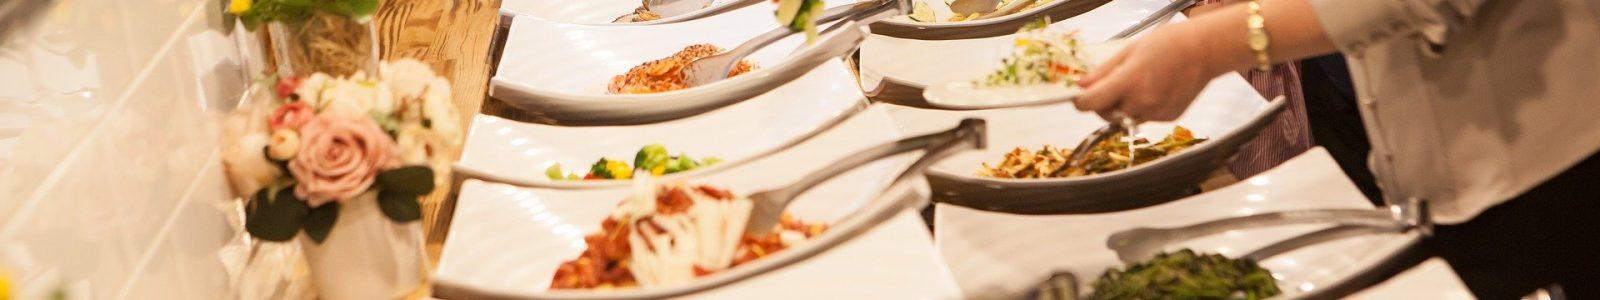 buffet-3955616_1920